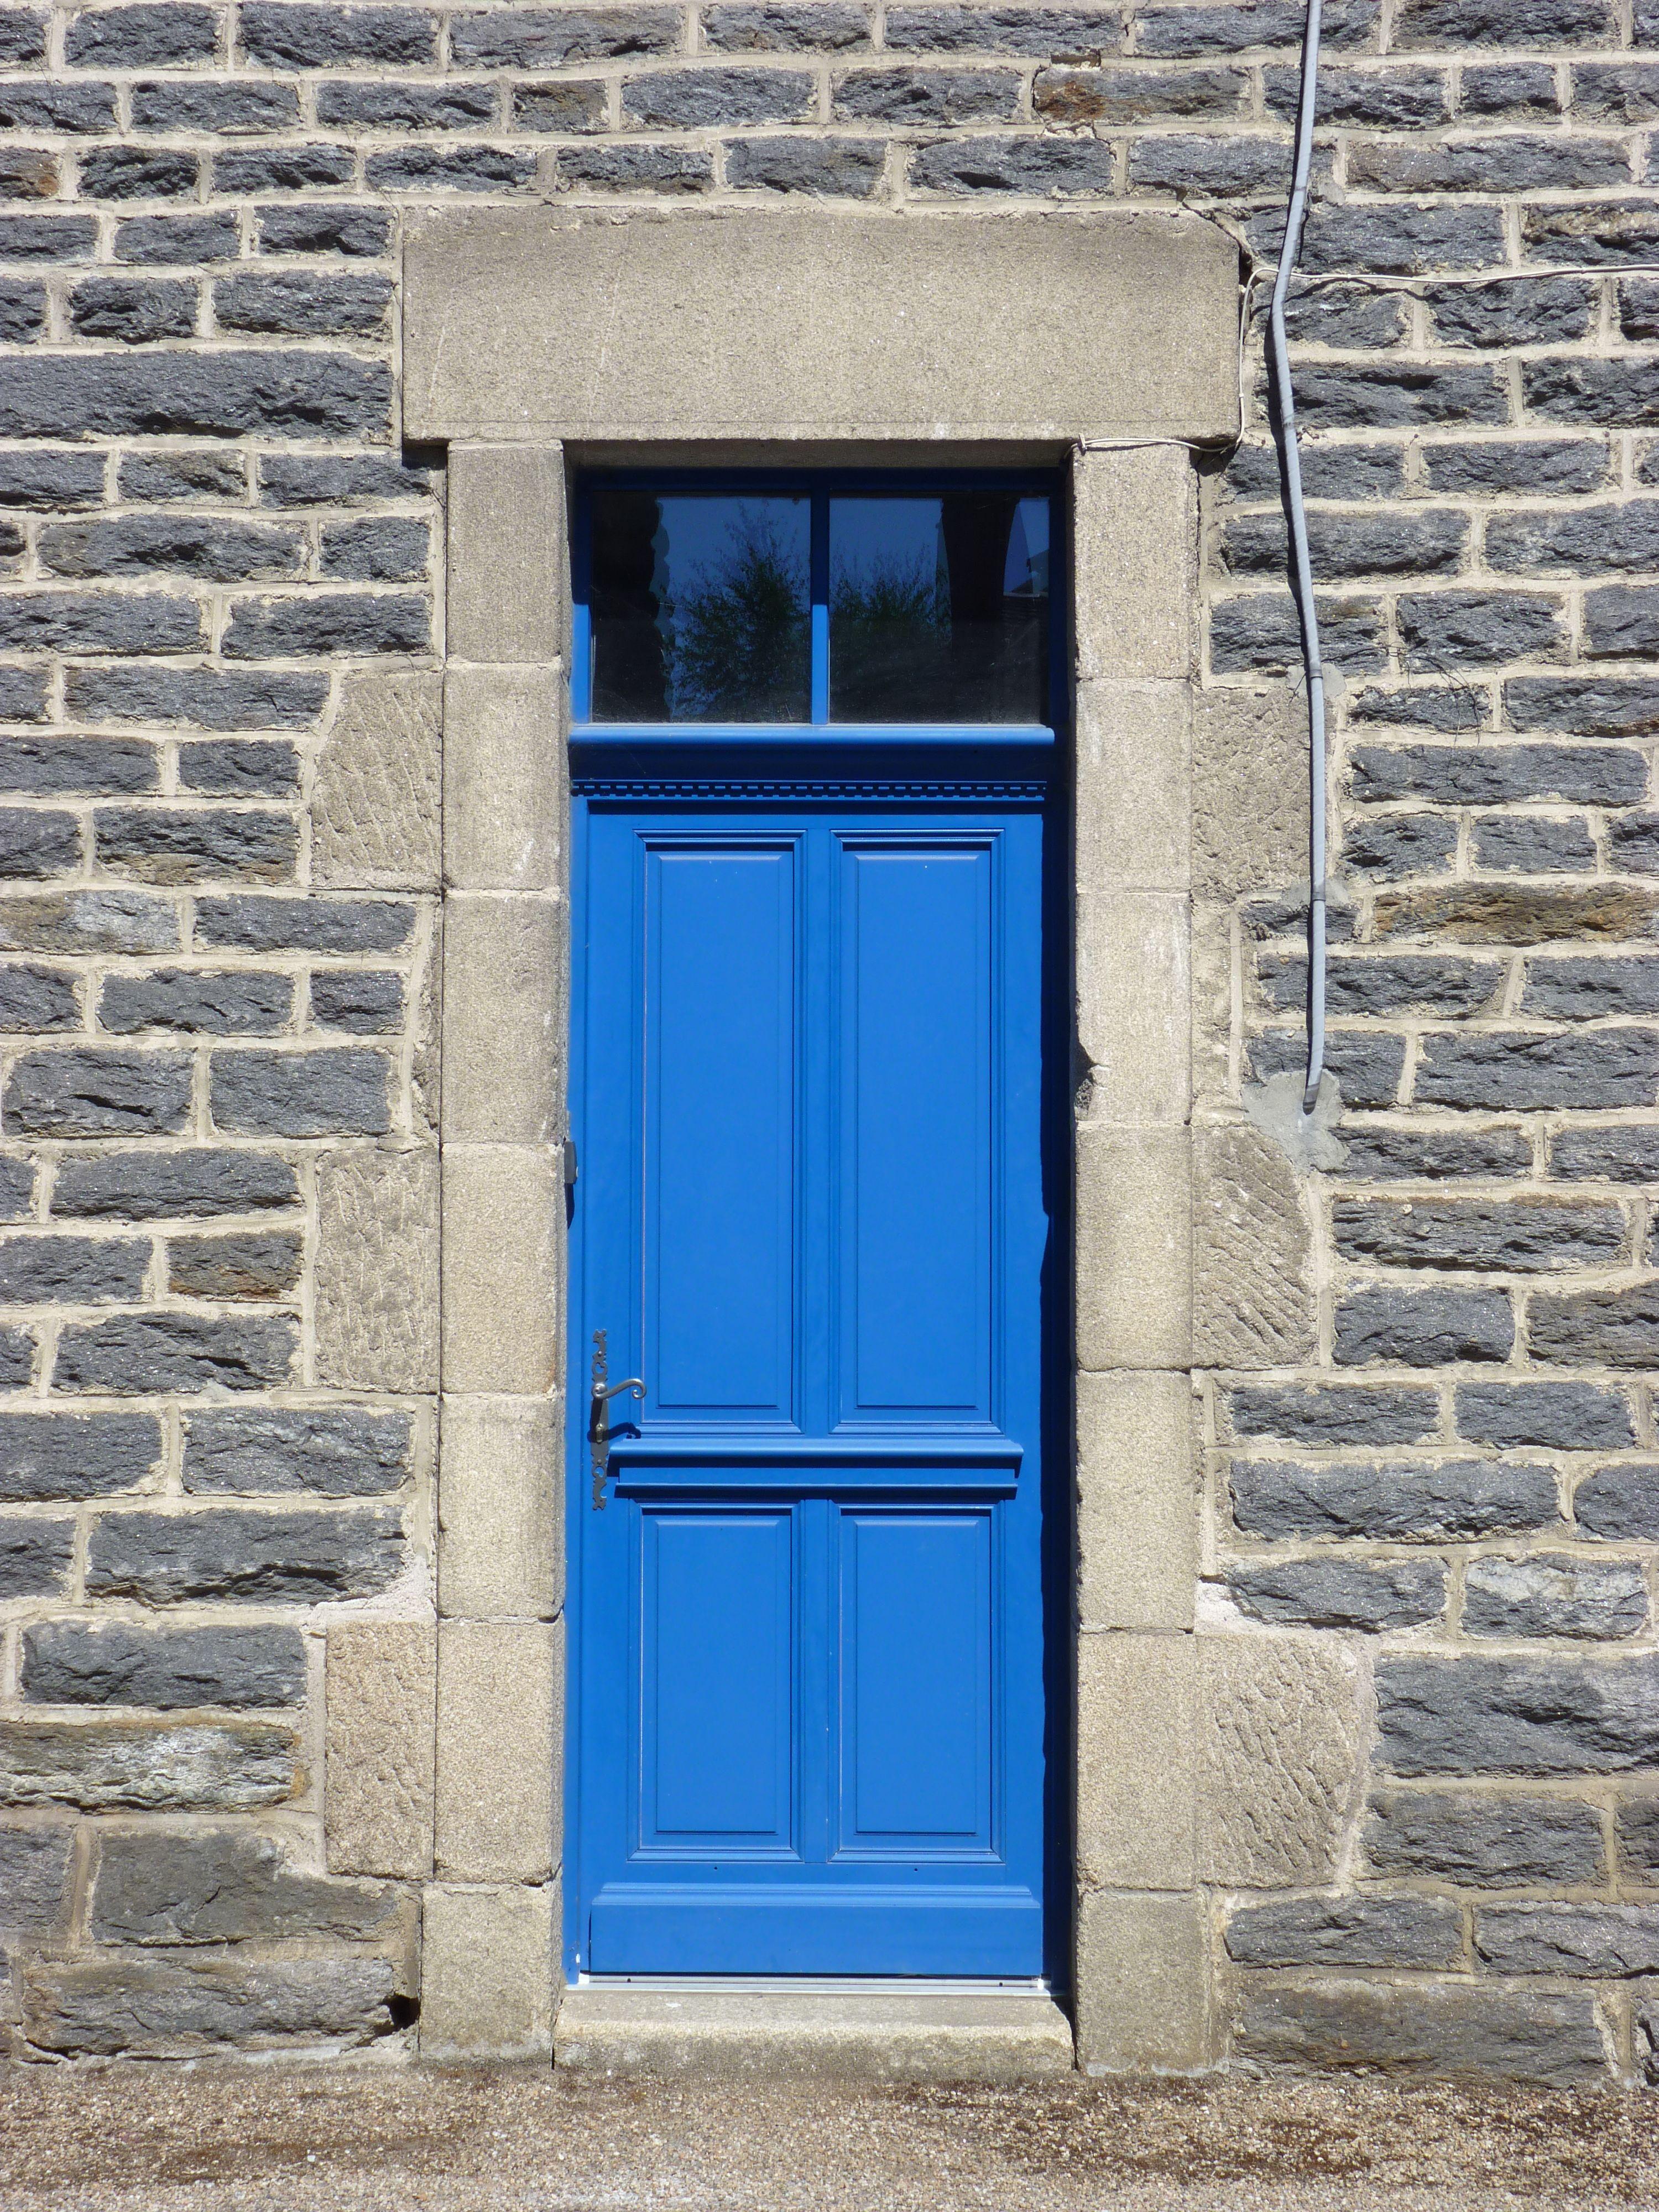 Porte d 39 entr e avec imposte vitr e petits bois coll s corniche moulur e cimaise moulur e - Imposte pour porte d entree ...